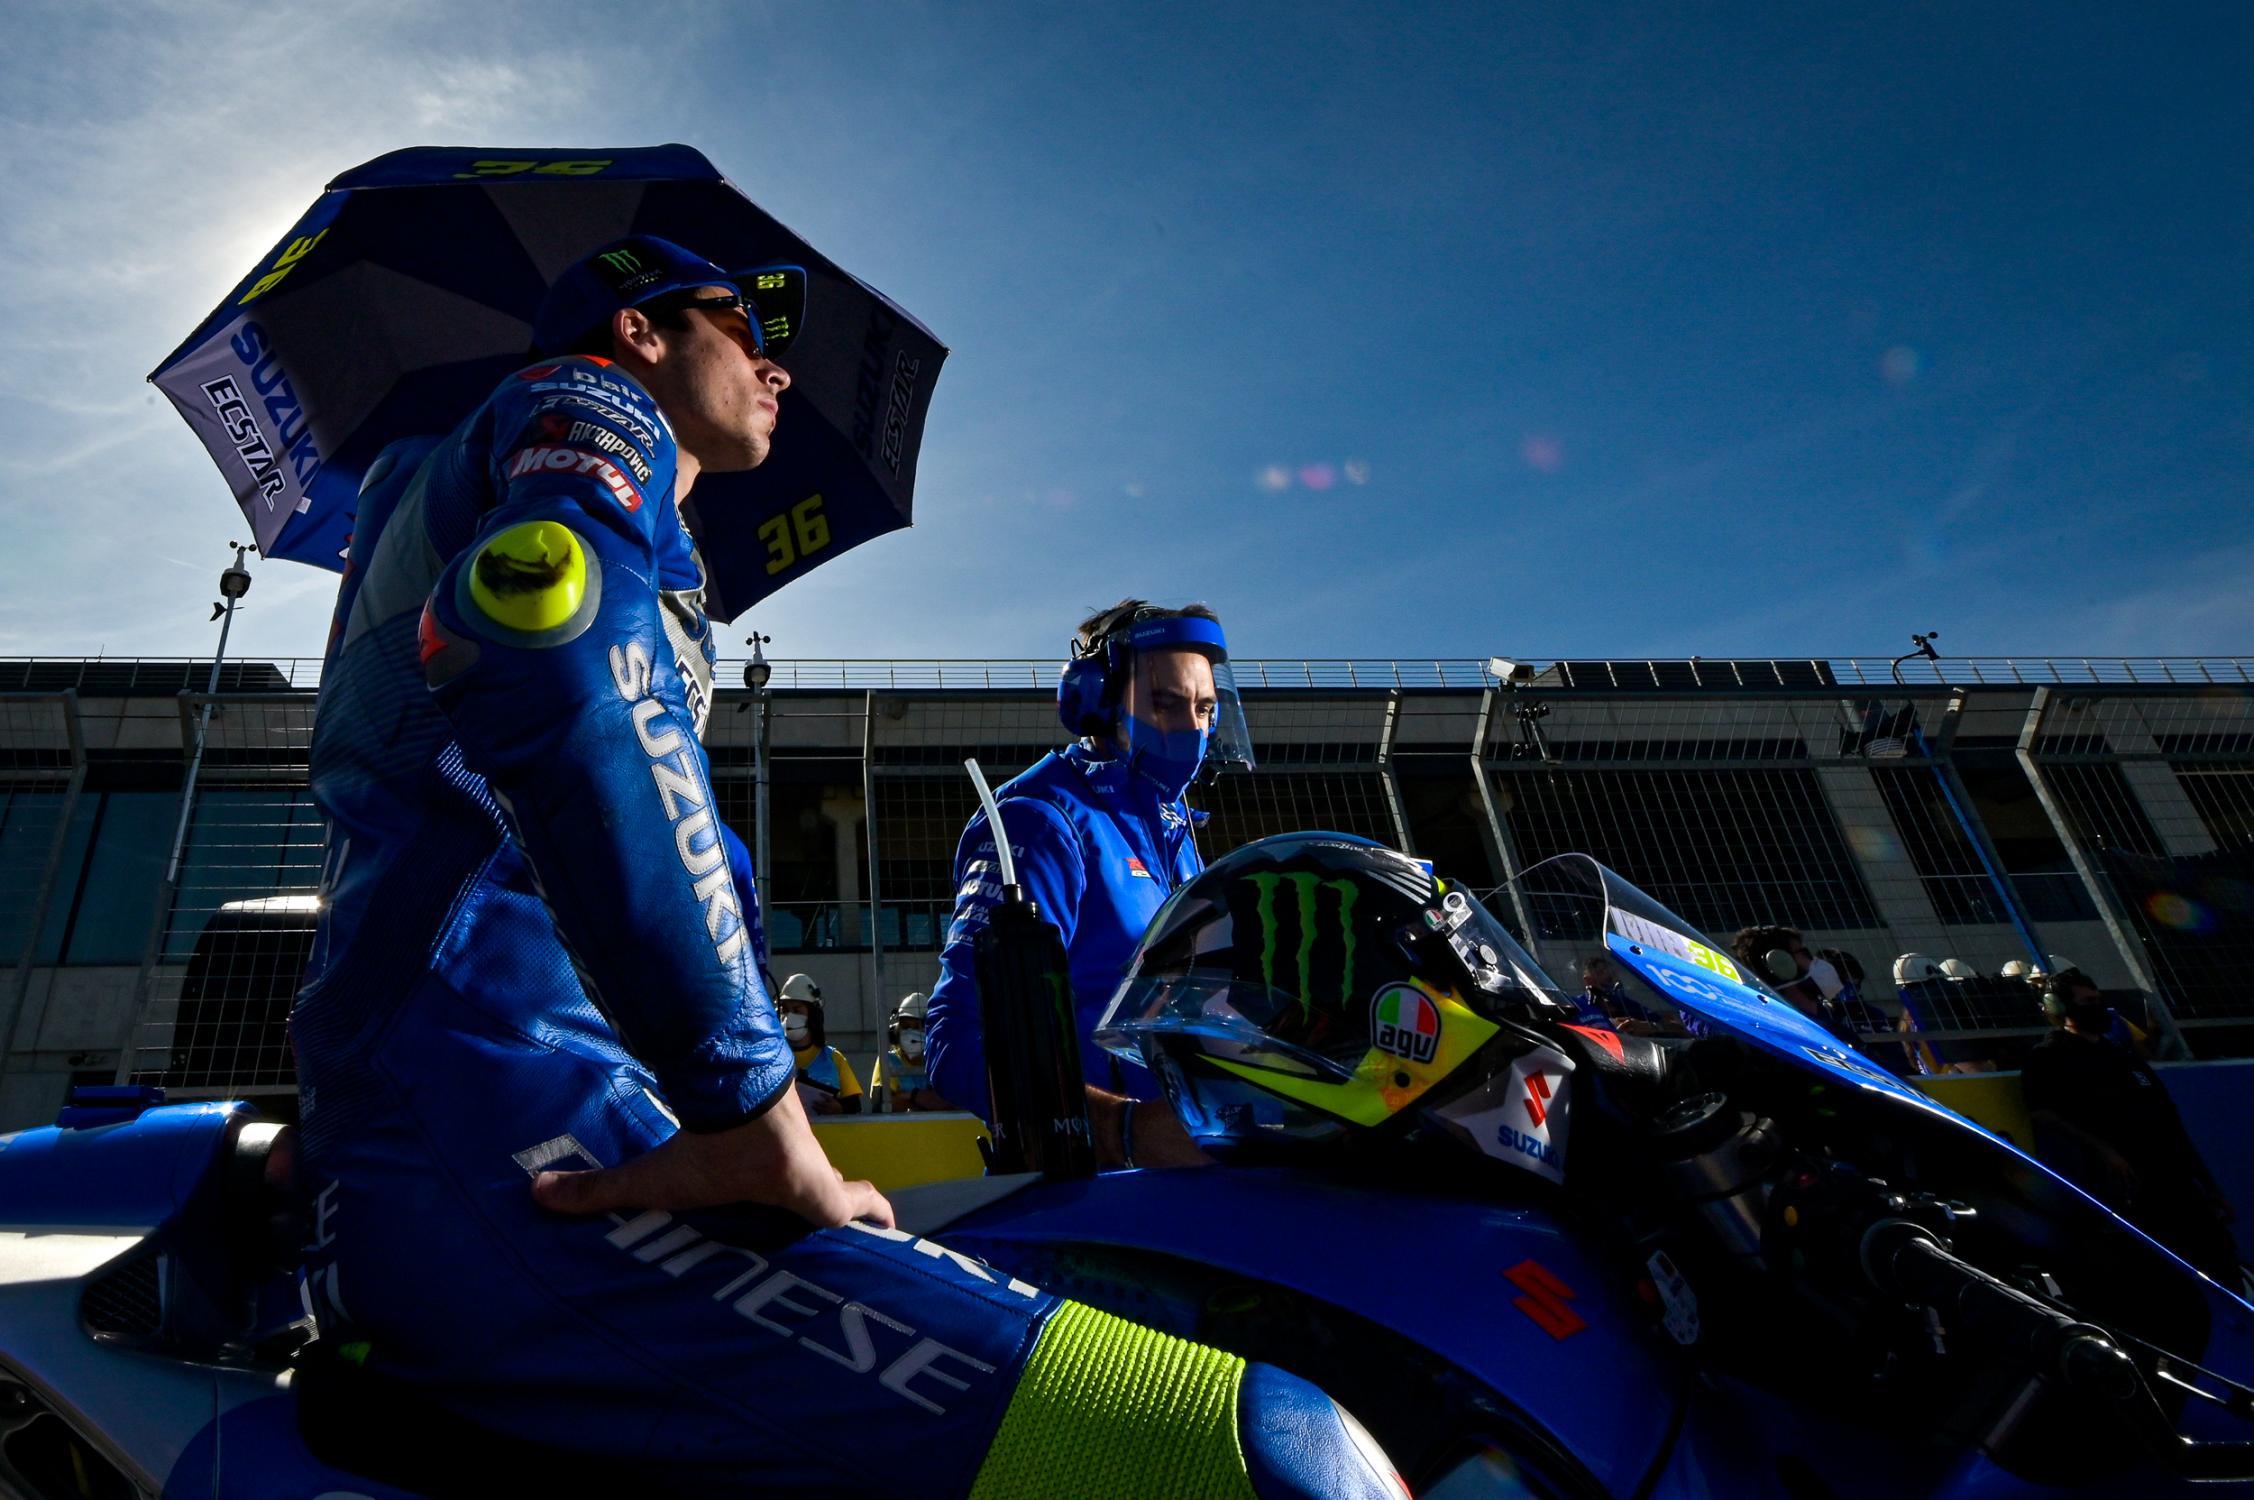 """MotoGP: Mir lidera el campeonato pero se mostró """"decepcionado"""" por la carrera en Aragón"""